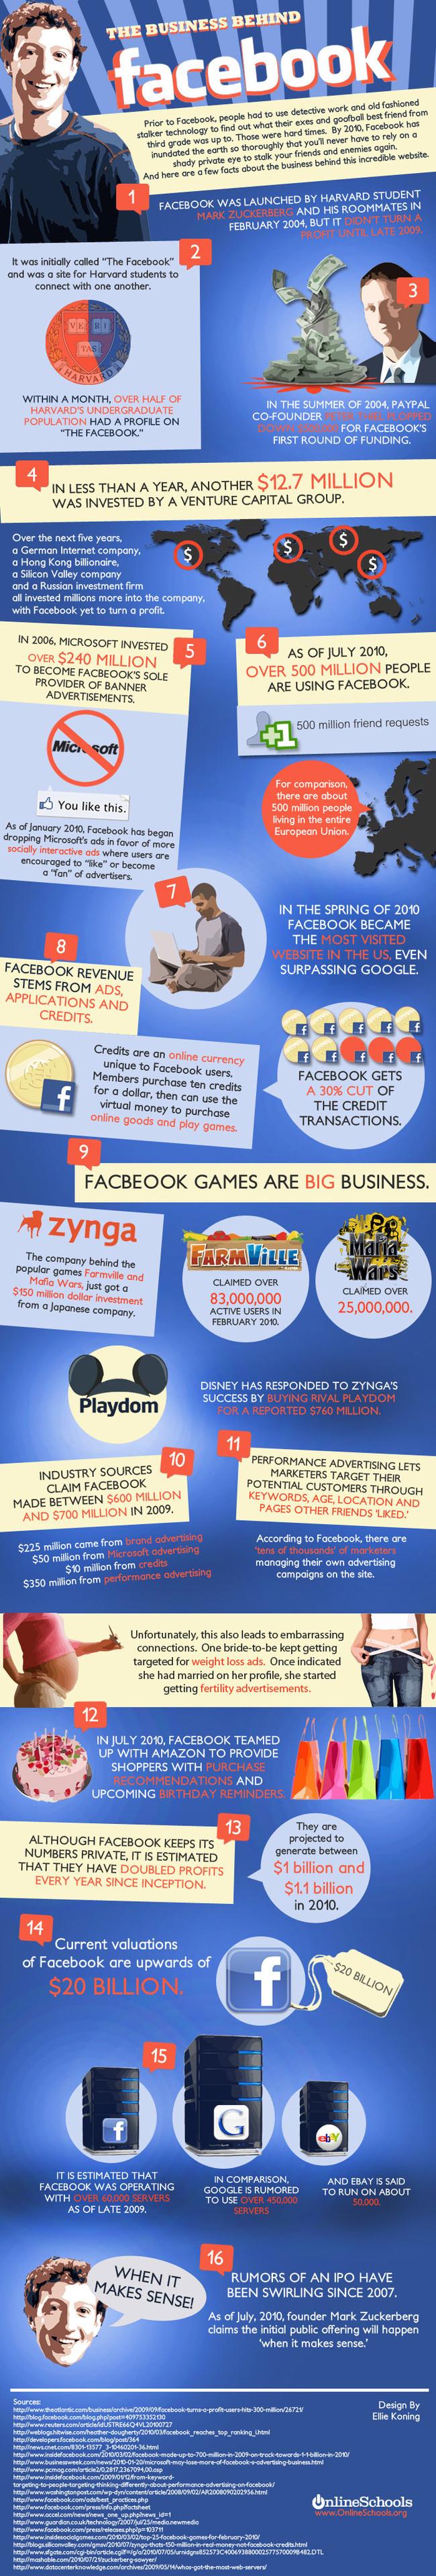 Comment Facebook se rentabilise-t-il?